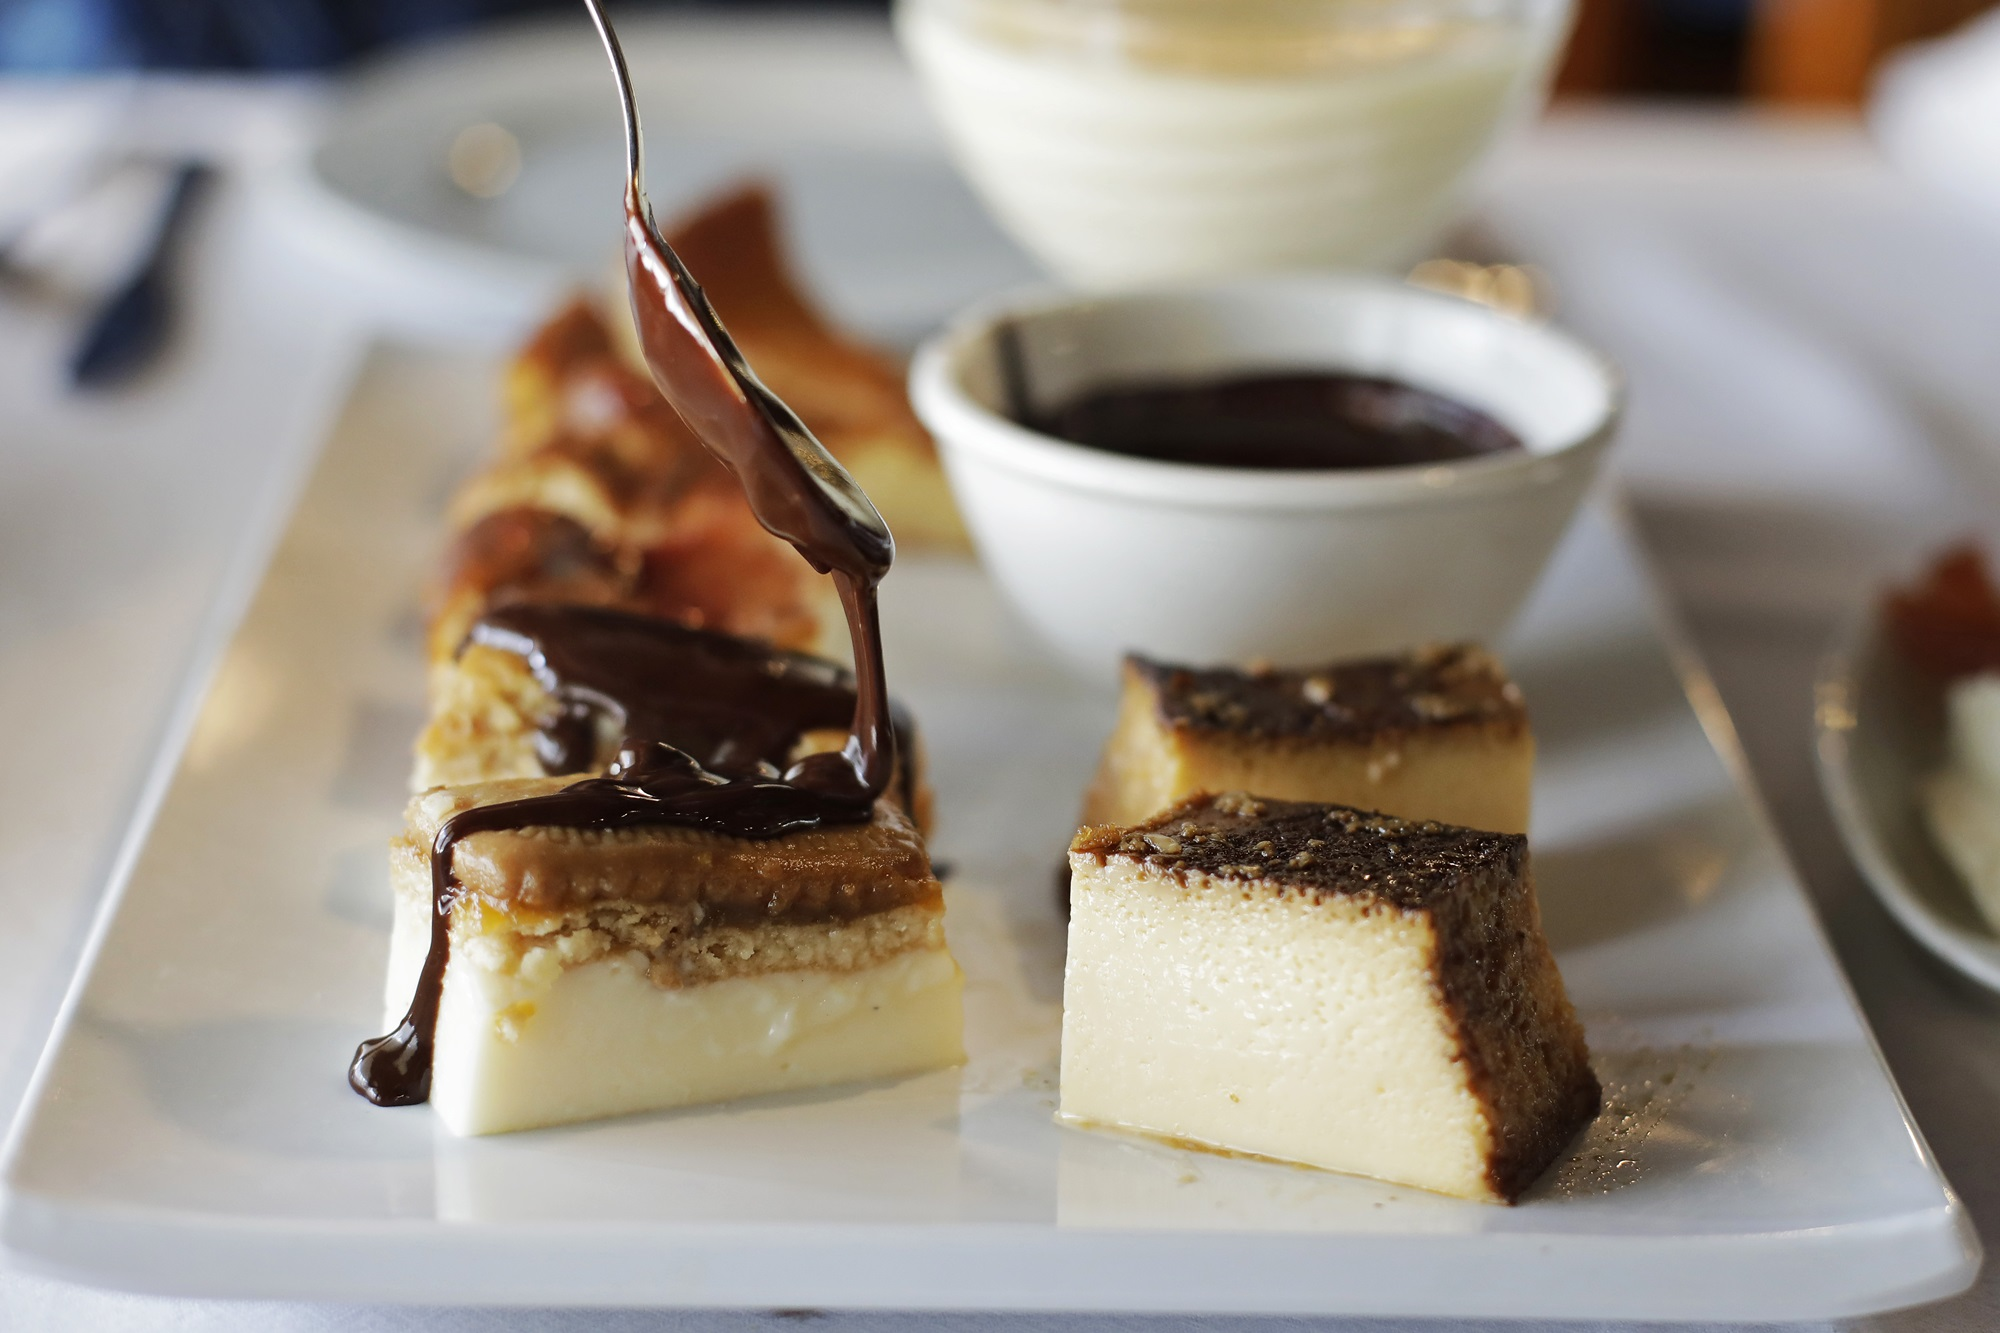 El chocolate caliente como colofón a la tarta de galleta con crema pastelera y mermelada de melocotón.